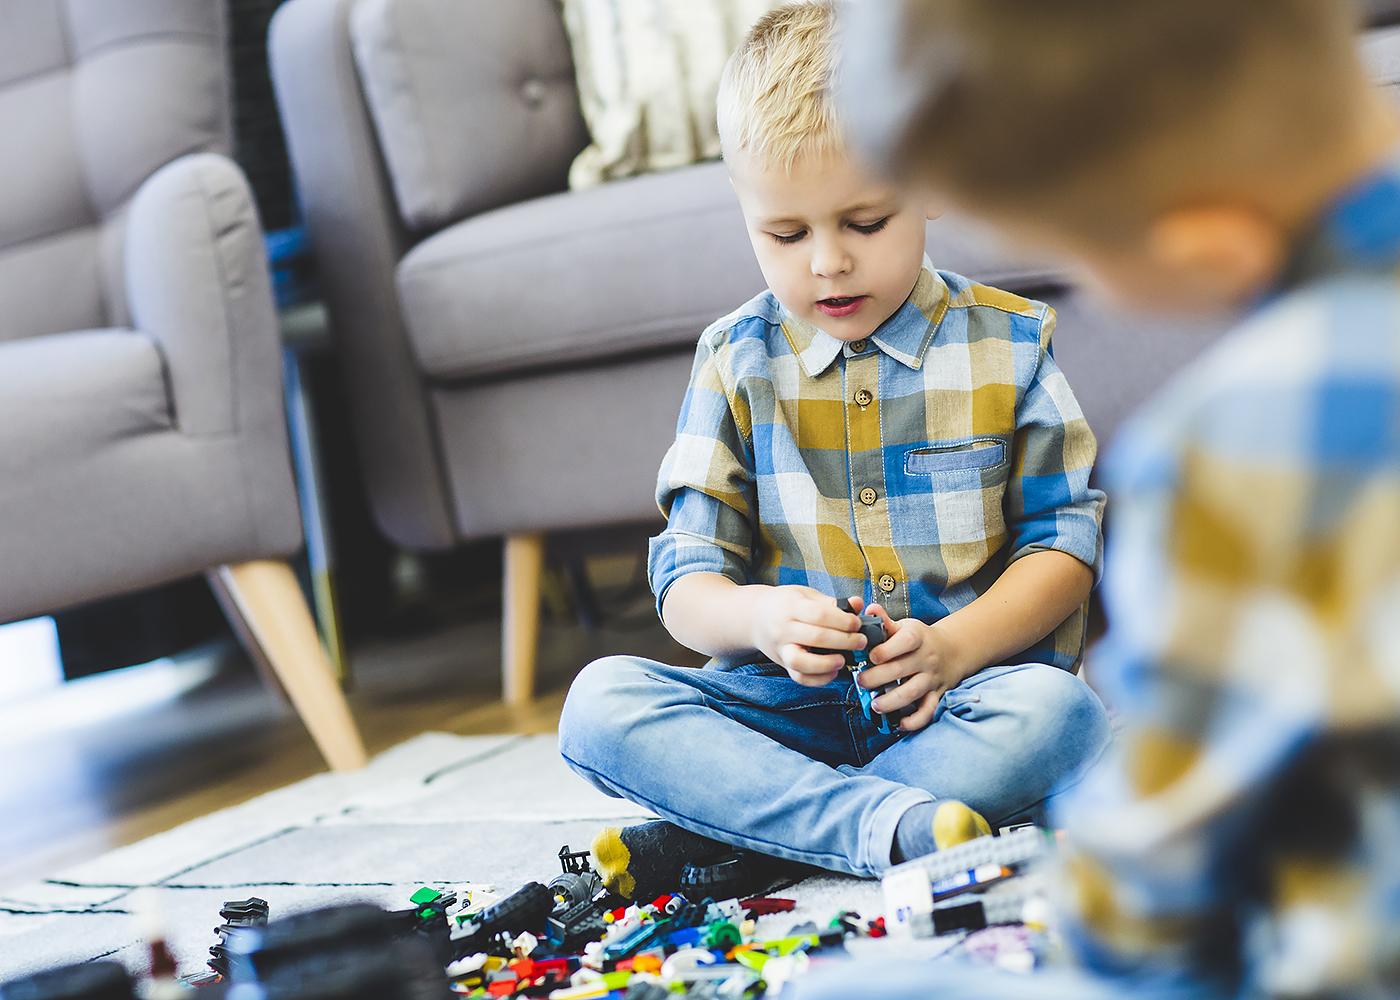 zabawki dla dzieci wspólna zabawa